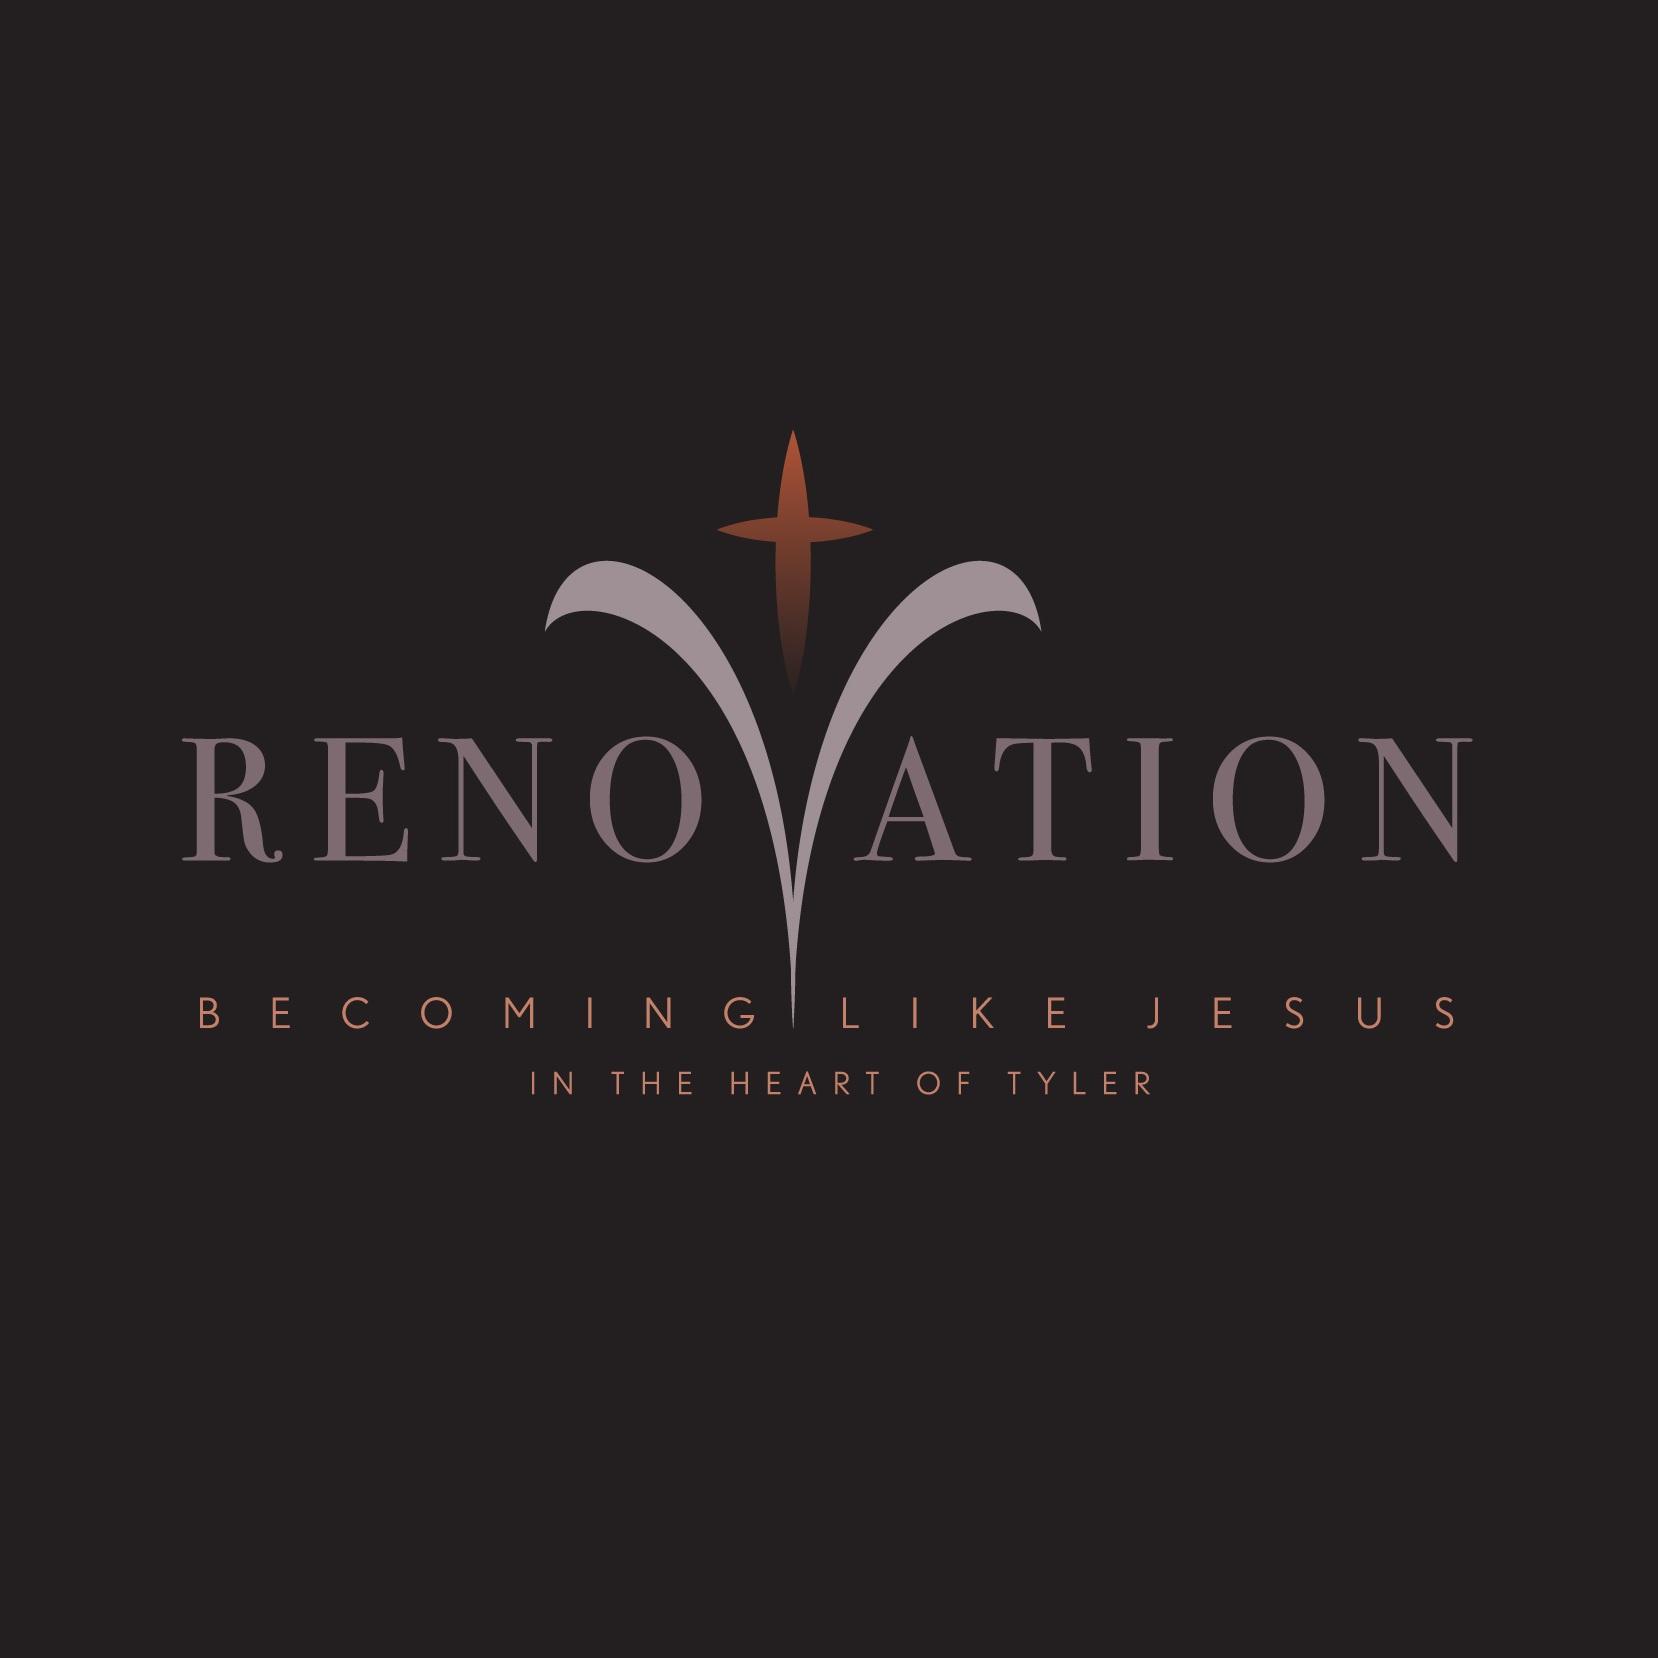 logos_renovation-01.jpg